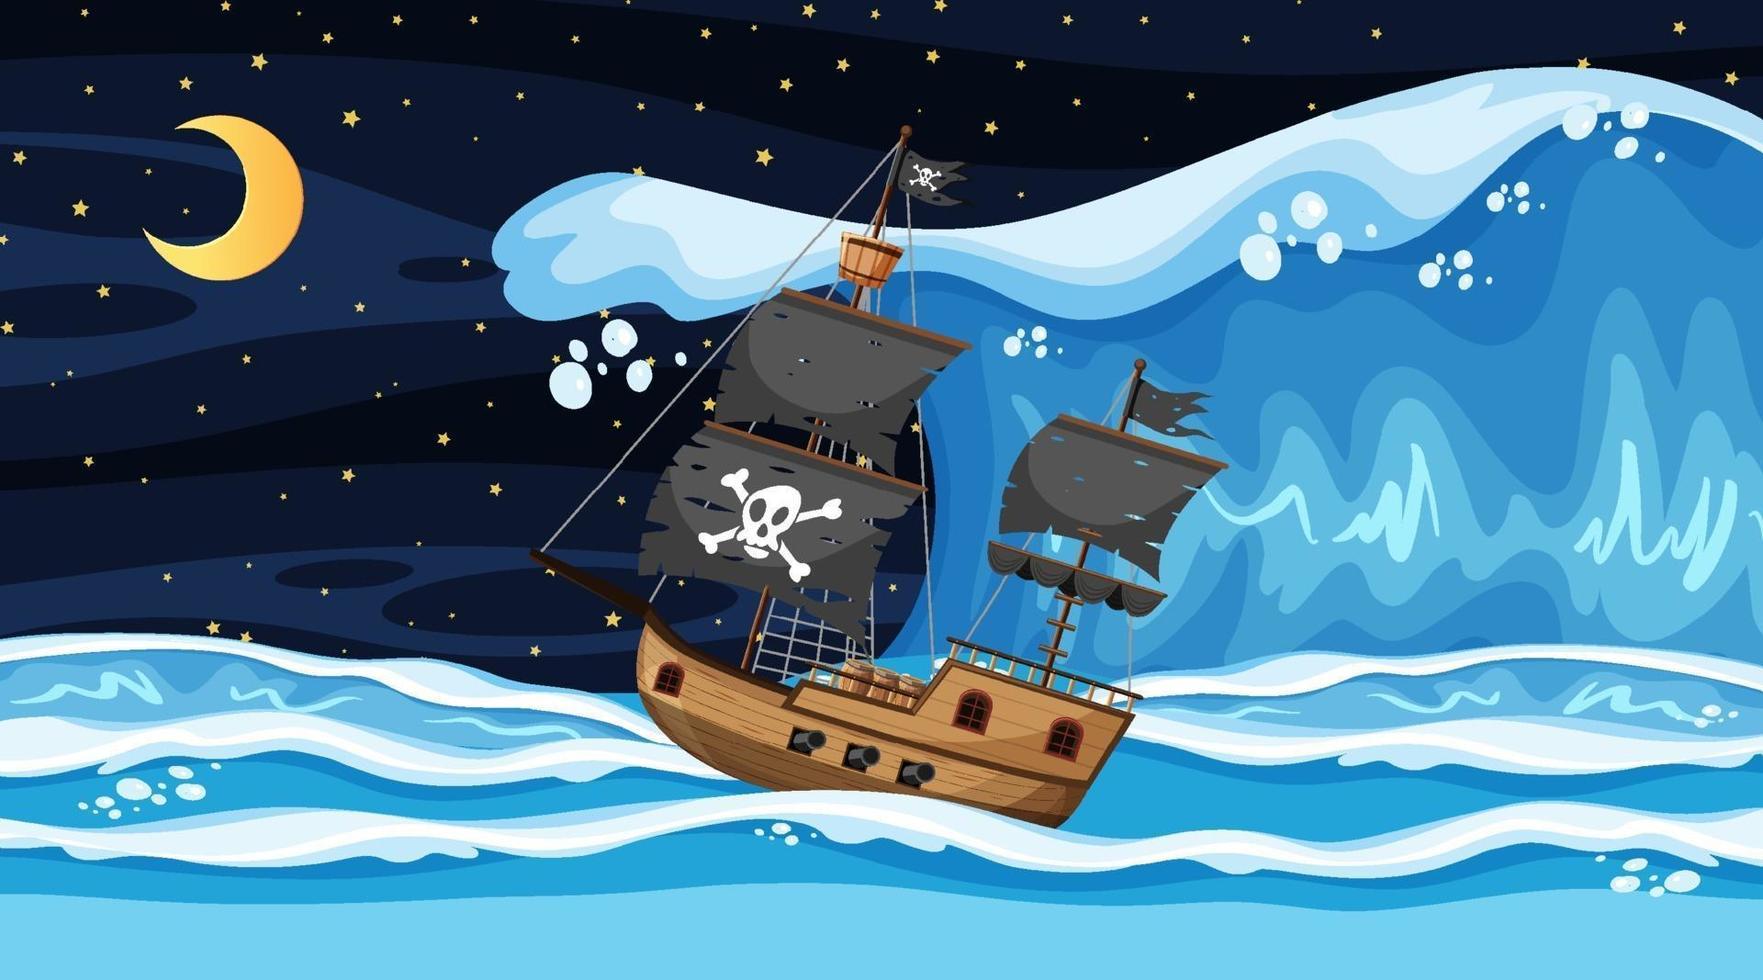 océano con barco pirata en la escena nocturna en estilo de dibujos animados vector